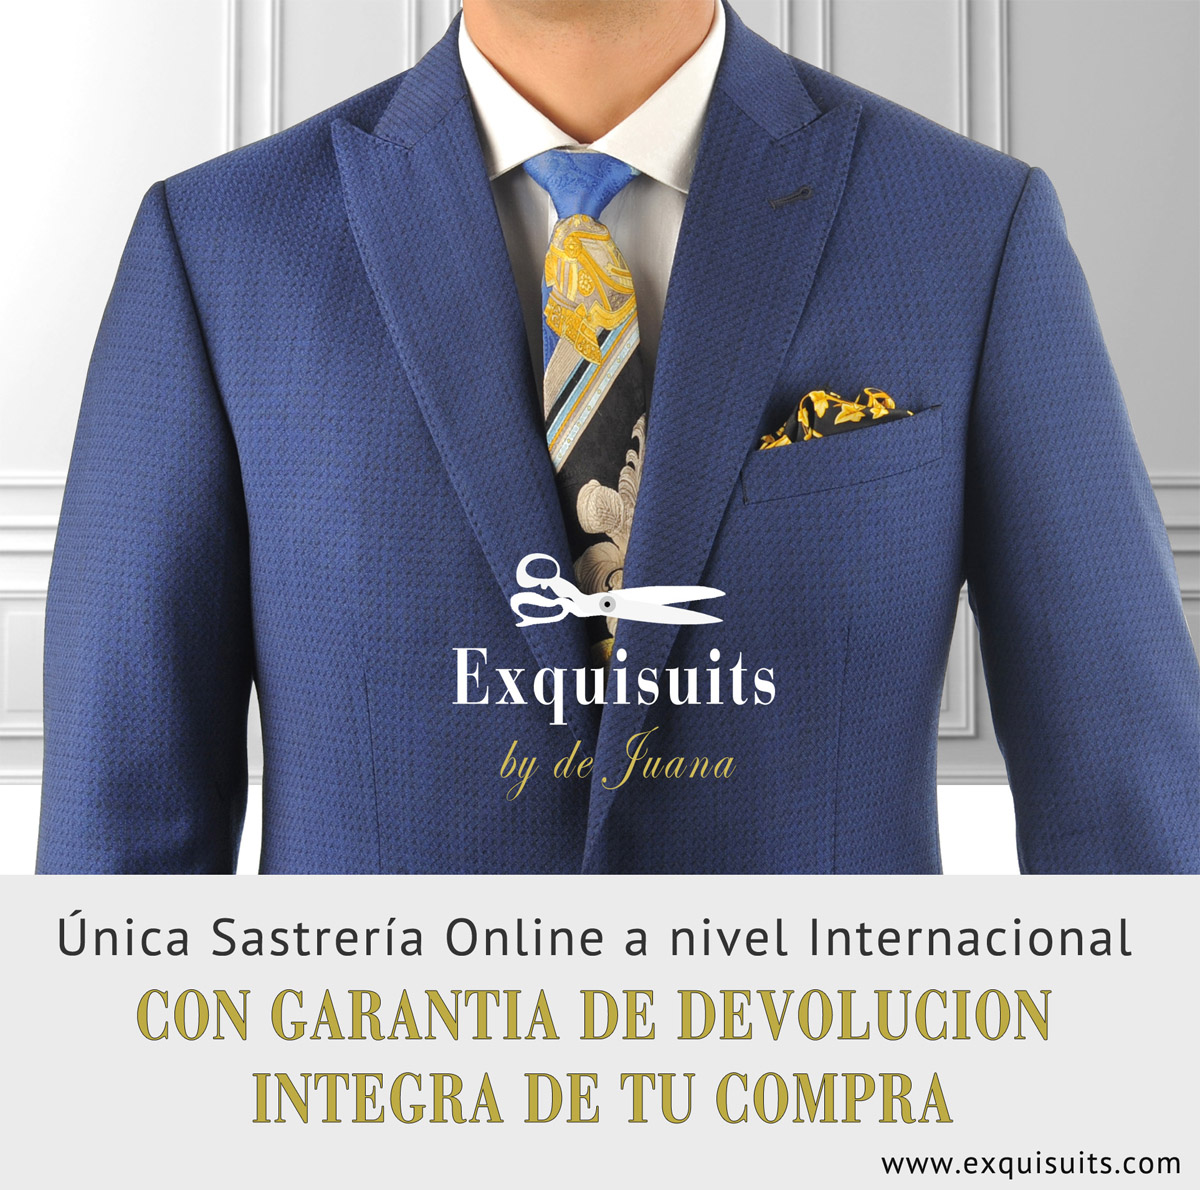 Exquisuits es la única sastrería online a nivel internacional con Garantía de Devolución de compra